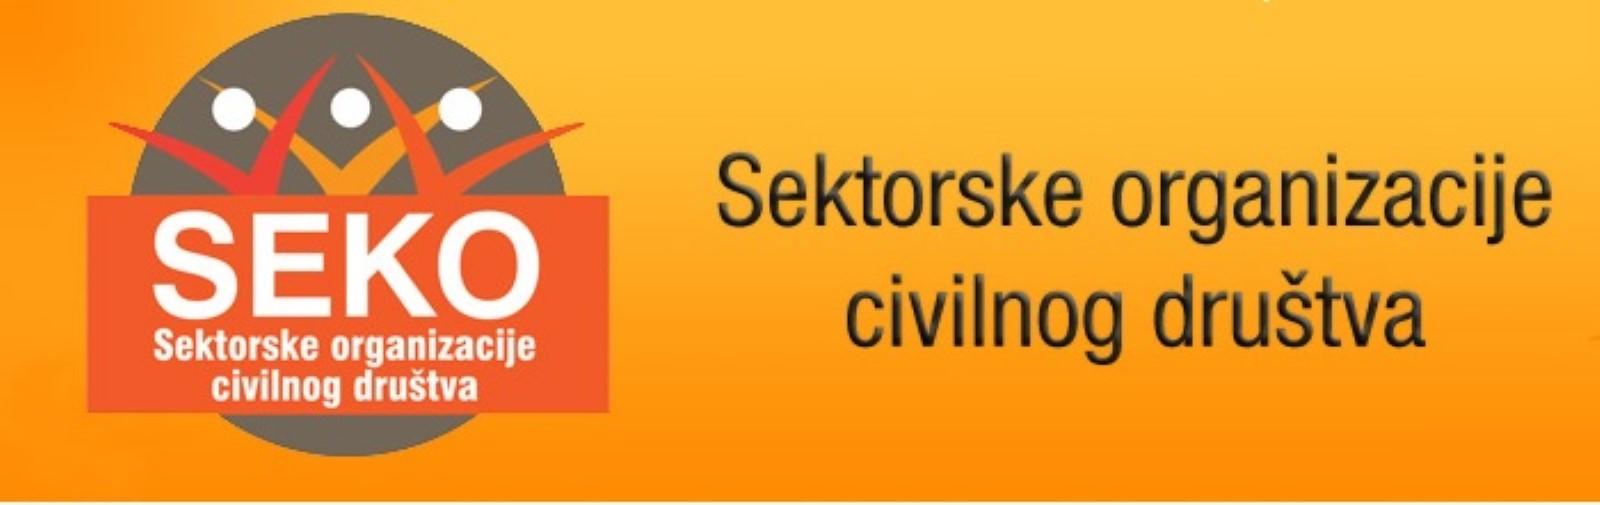 SEKO_logo